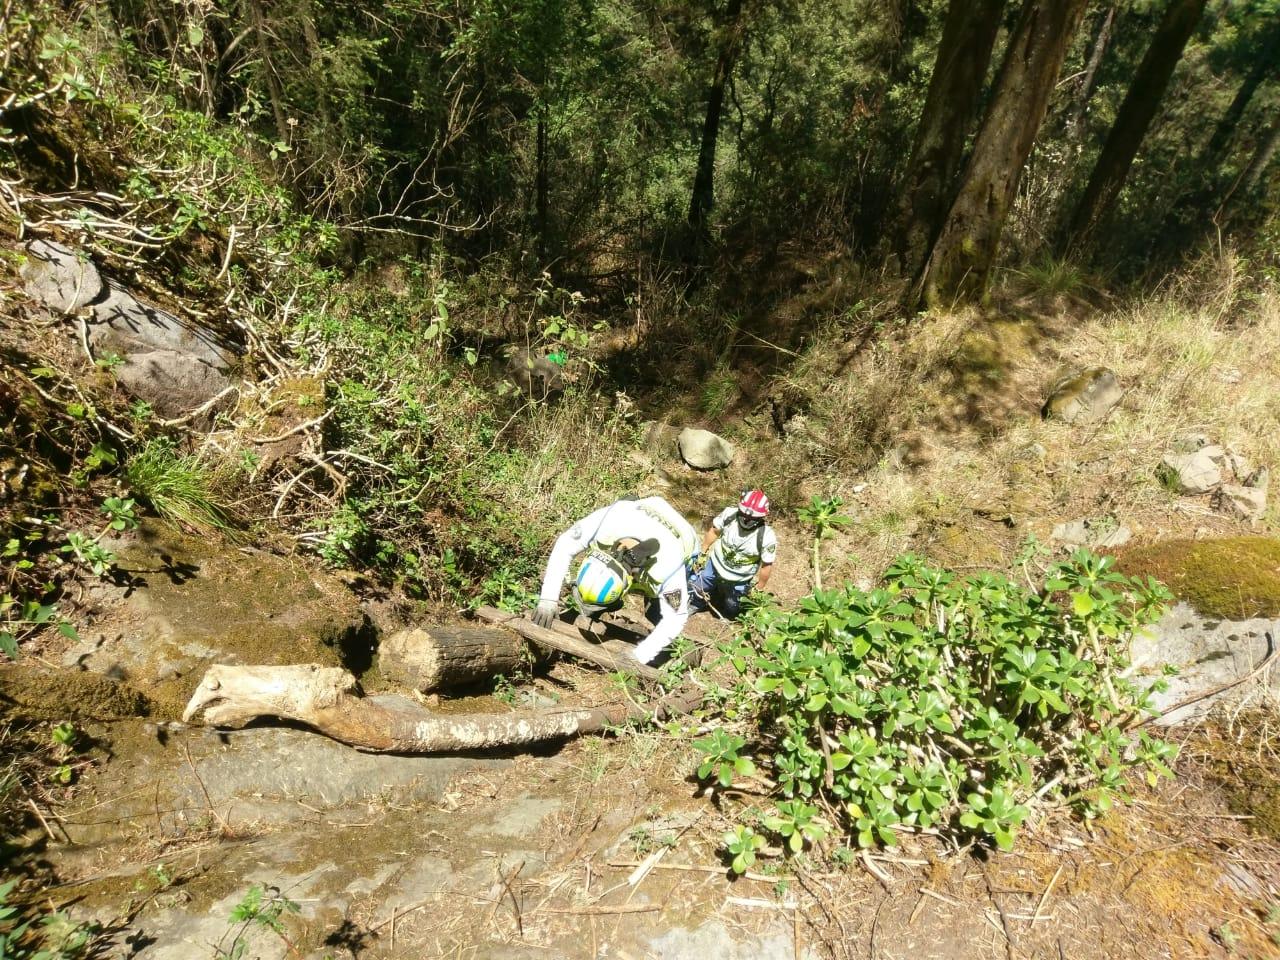 Equipo especial del ERUM de la SSC continúa con la búsqueda de la mujer extraviada en el Iztaccíhuatl